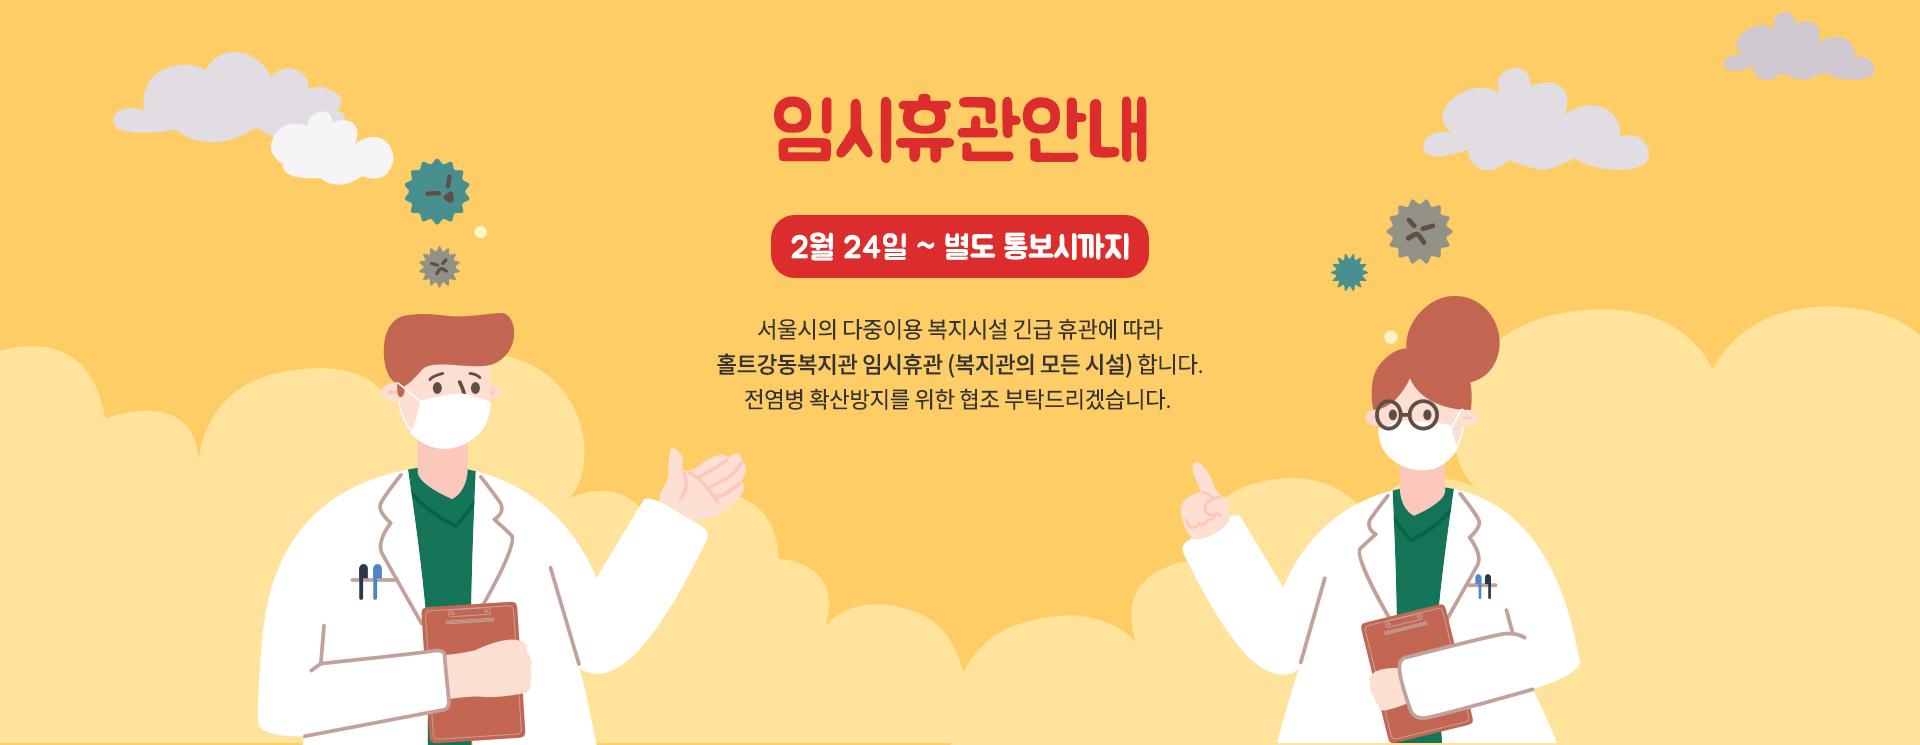 임시휴관안내    2월 24일 ~ 별도 통보시까지 서울시의 다중이용 복지시설 긴급 휴관에 따라    홀트강동복지관 임시휴관 (복지관의 모든 시설) 합니다.    전염병 확산방지를 위한 협조 부탁드리겠습니다.